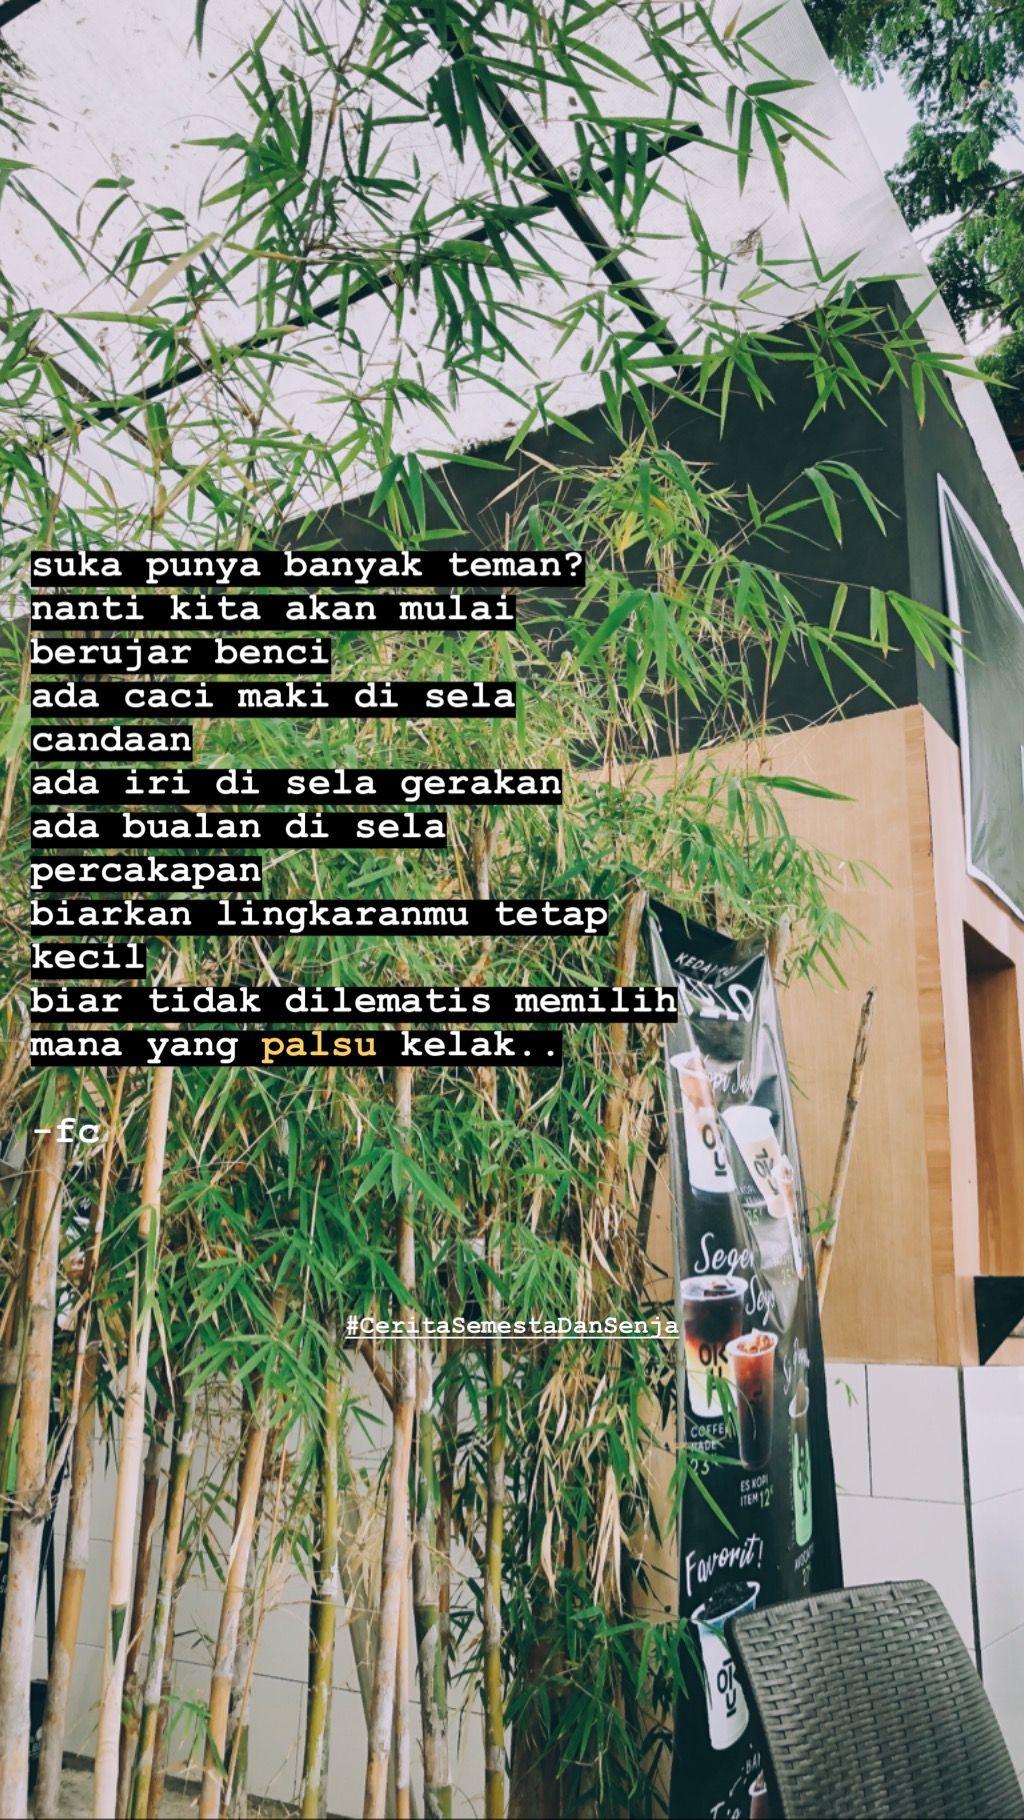 CeritaSemestaDanSenja Indonesia Quotes Cerita Semesta Dan